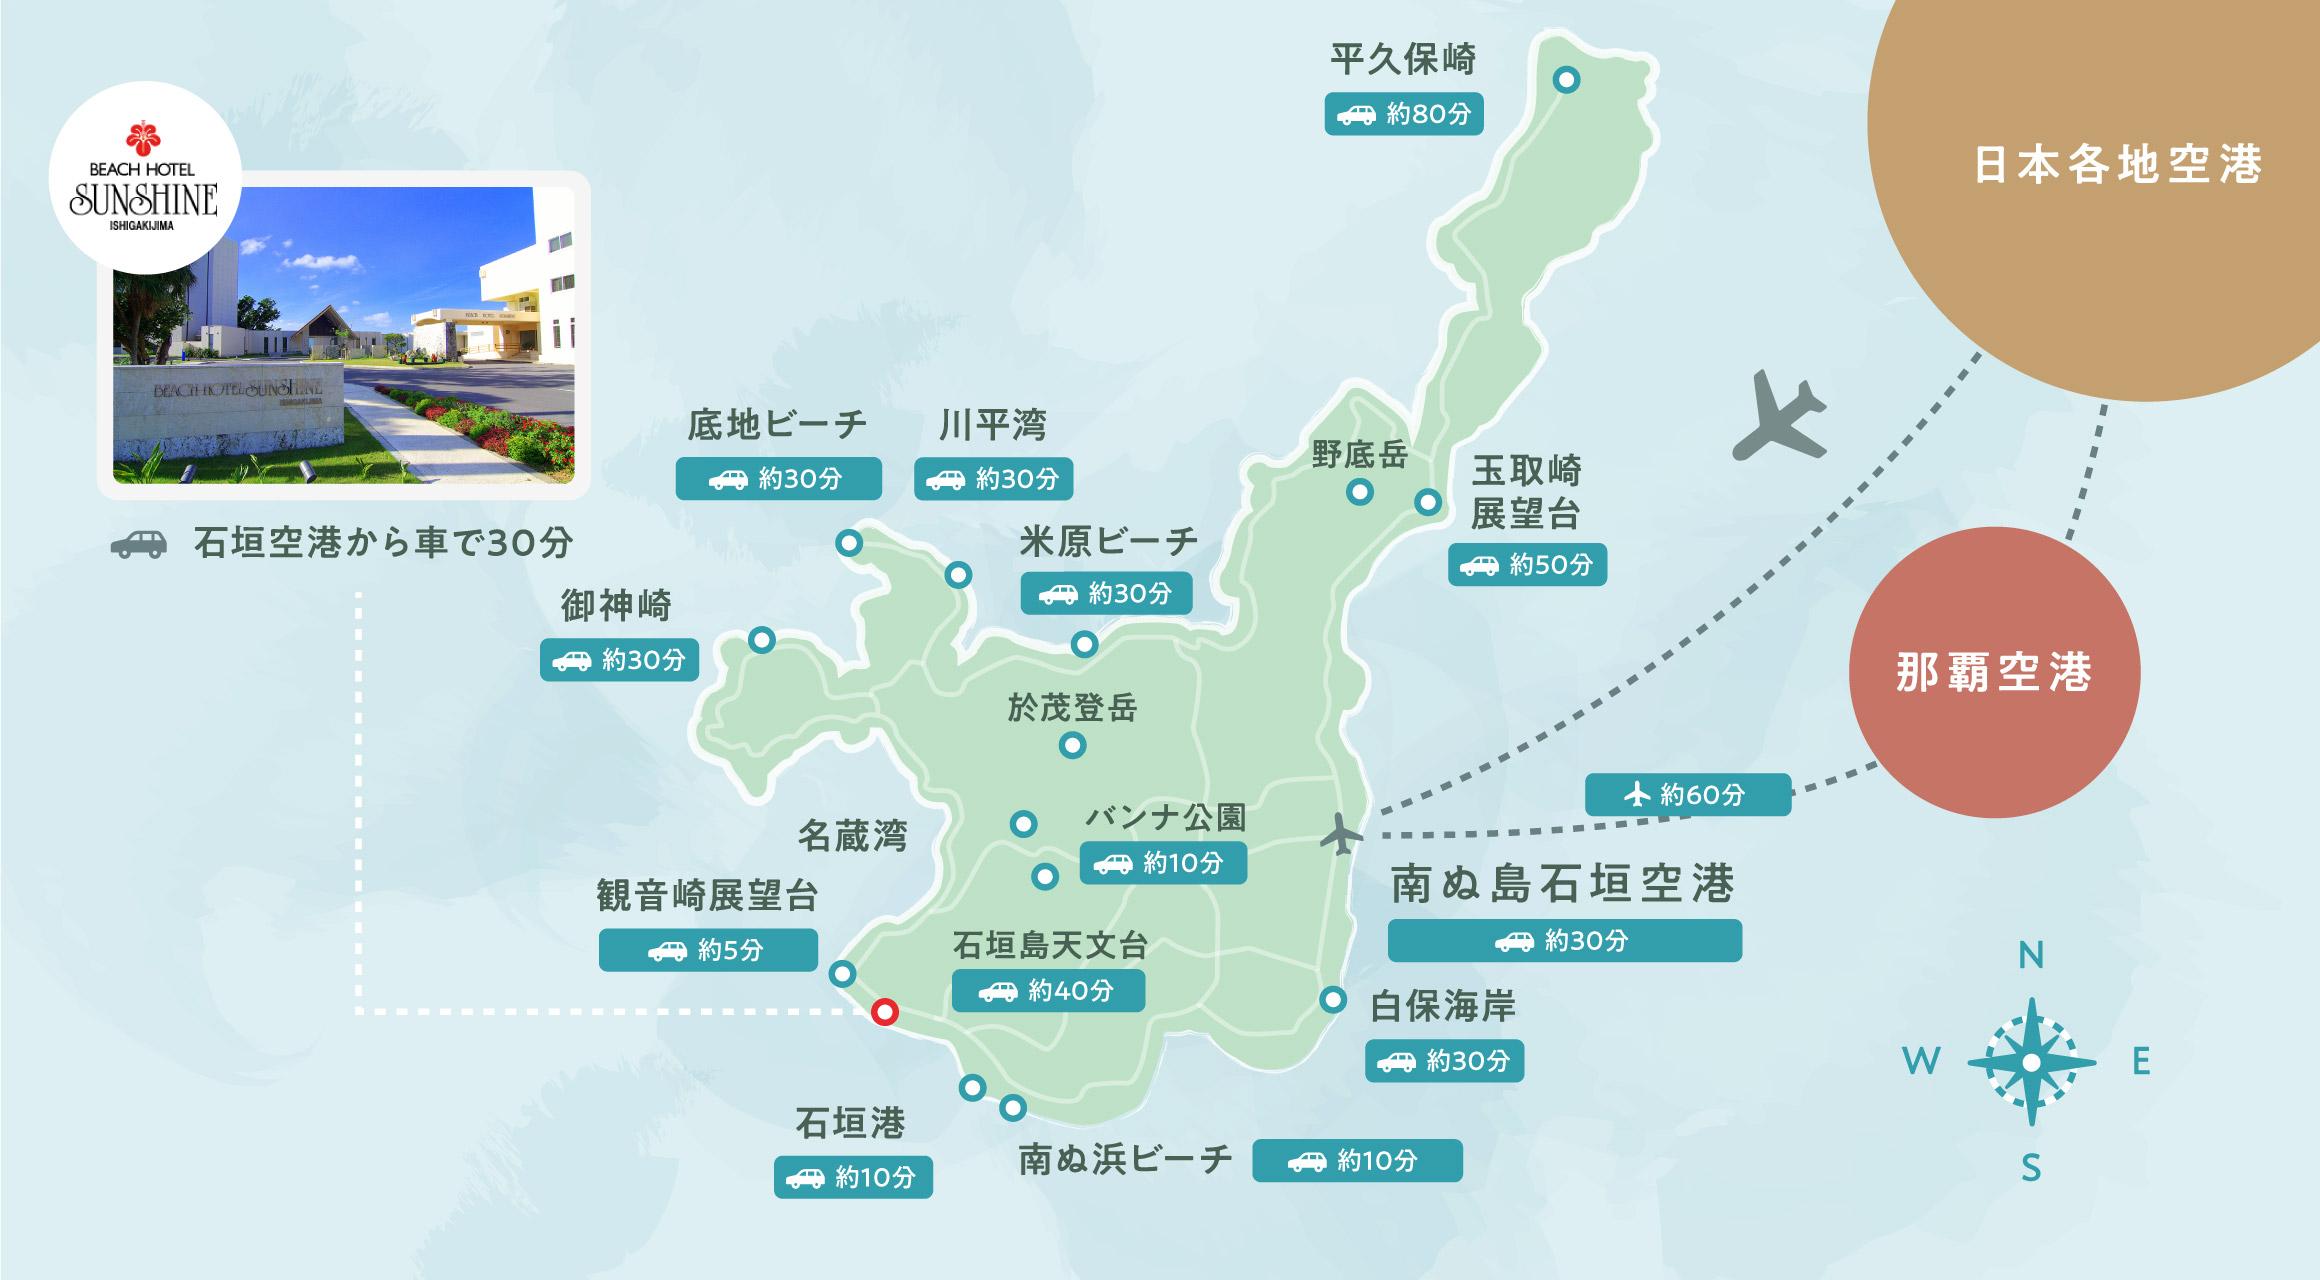 石垣島ビーチホテル アクセスマップ